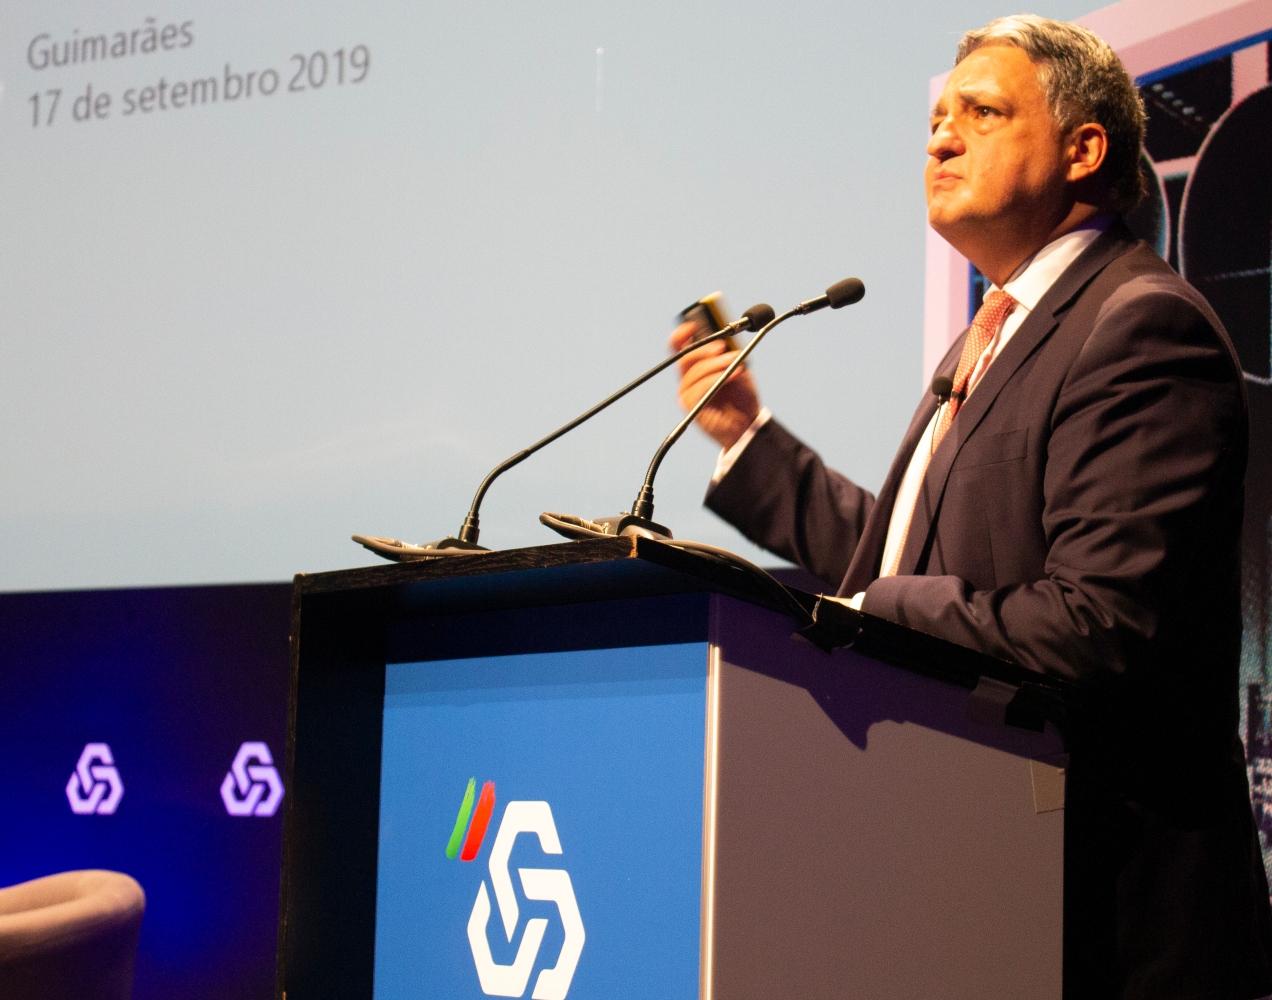 Paulo Macedo, Presidente da Comissão executiva da Caixa Geral de Depósitos